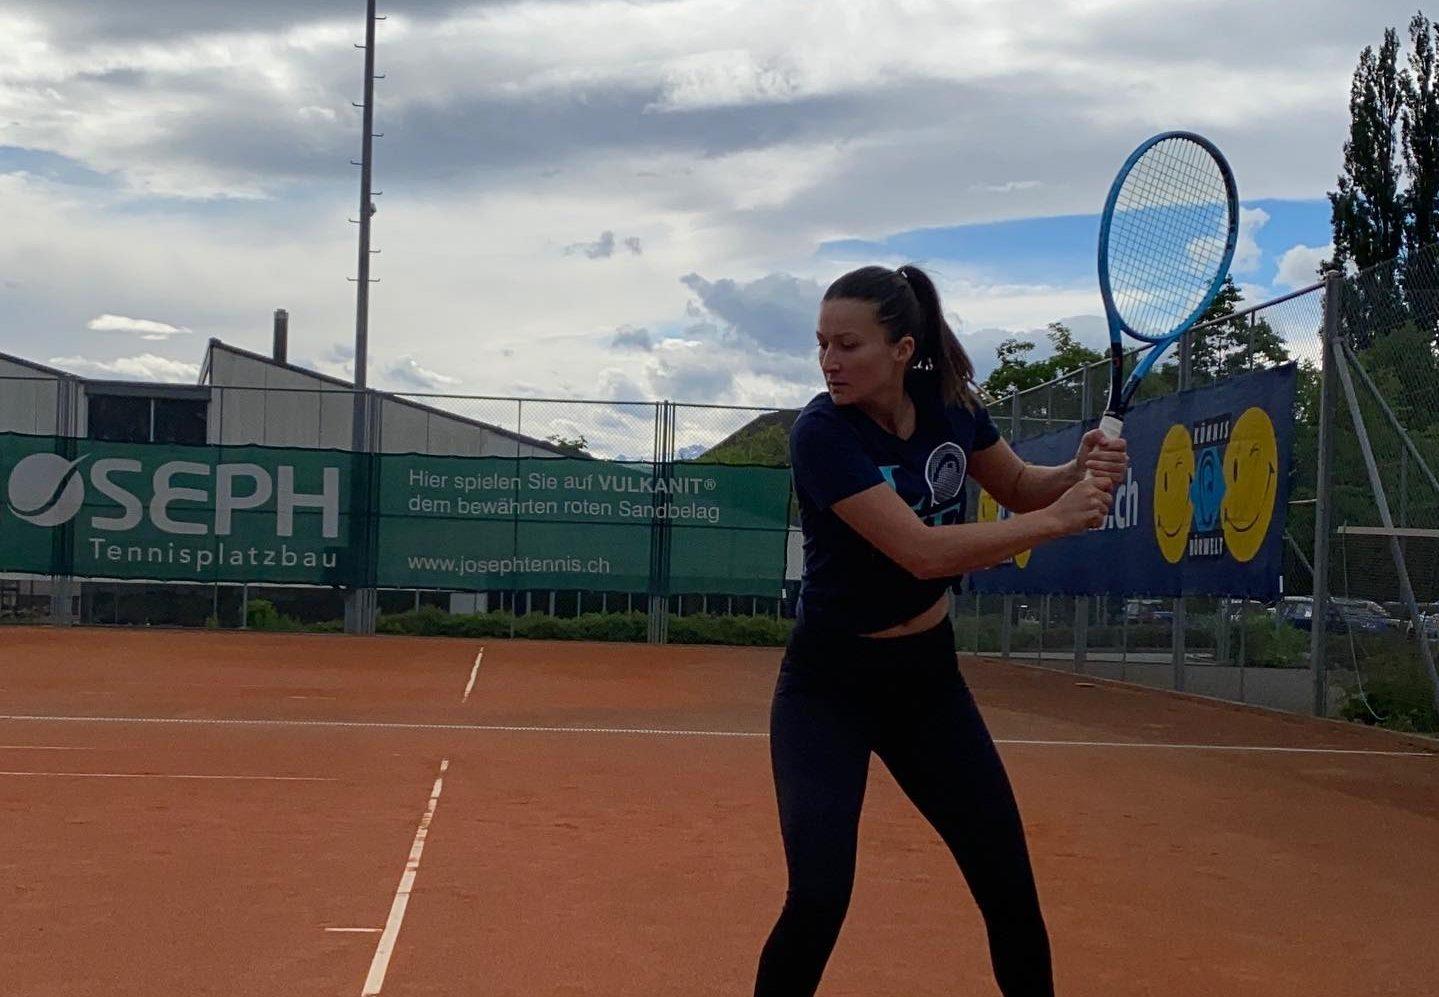 Pobjeda Dalile Jakupović na turniru u Češkoj